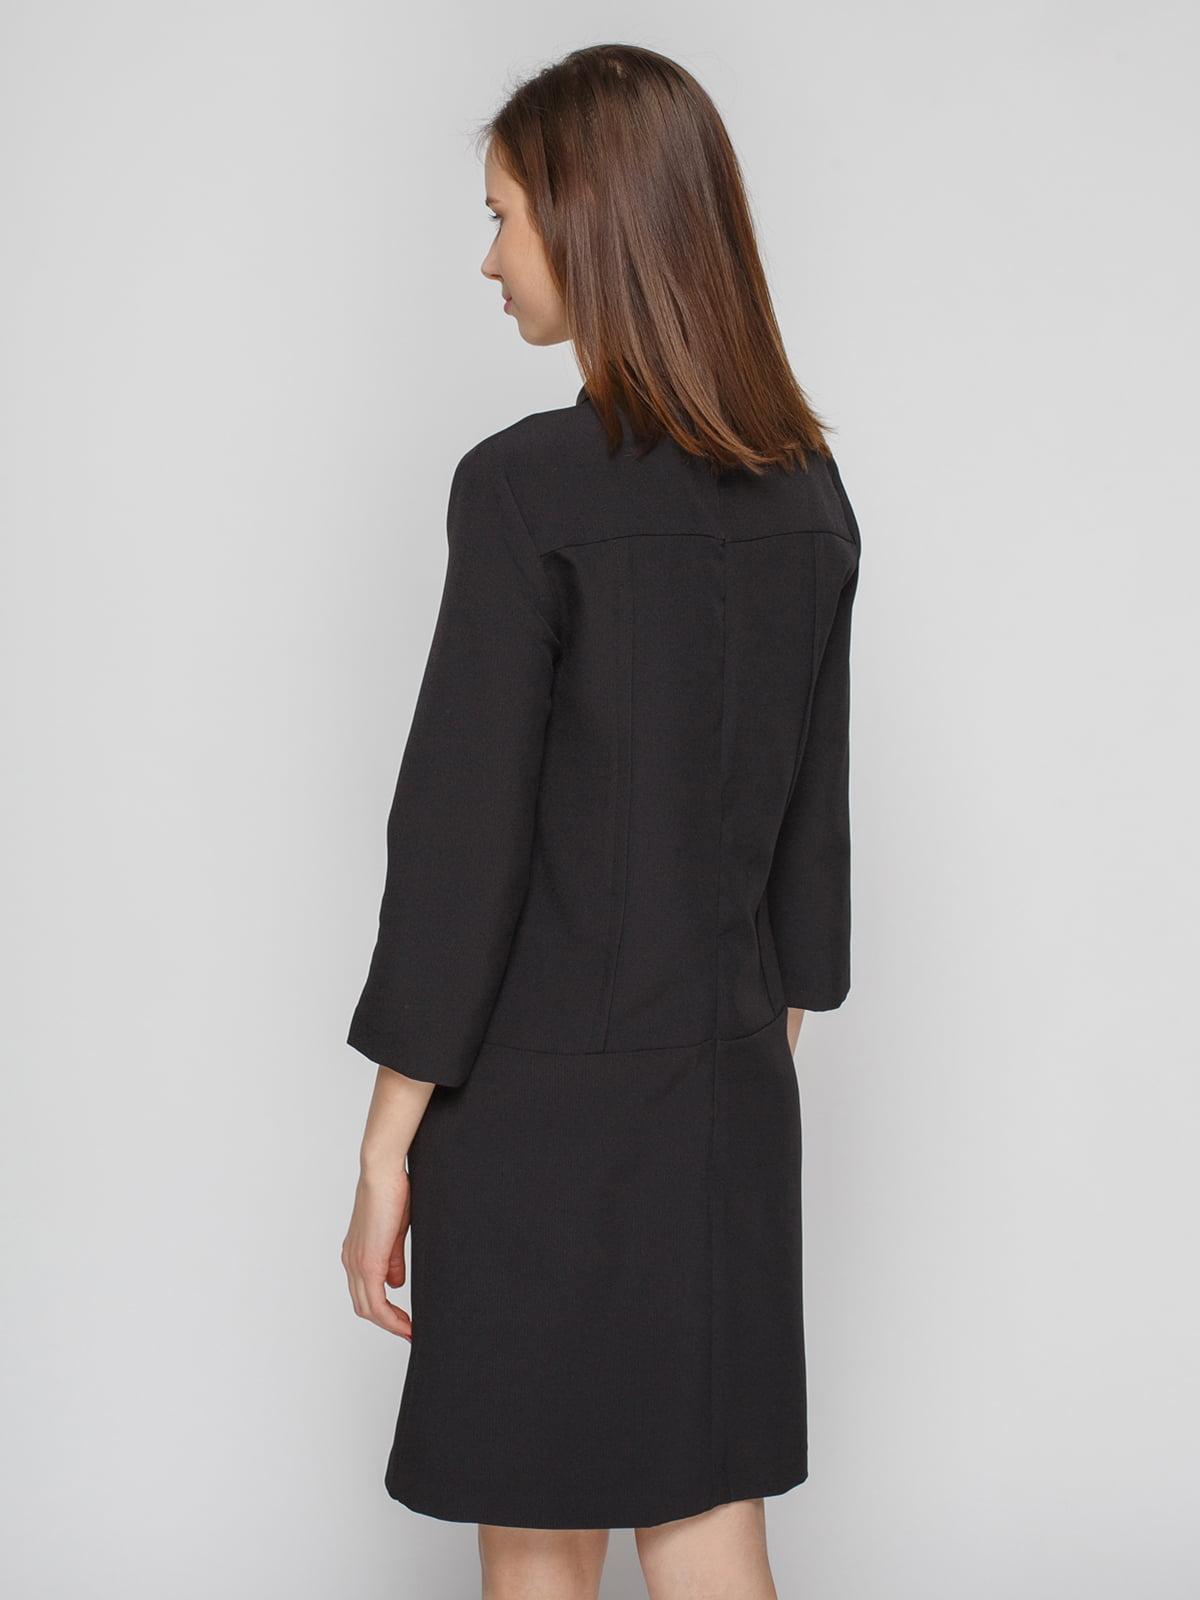 Платье черное   1944750   фото 2